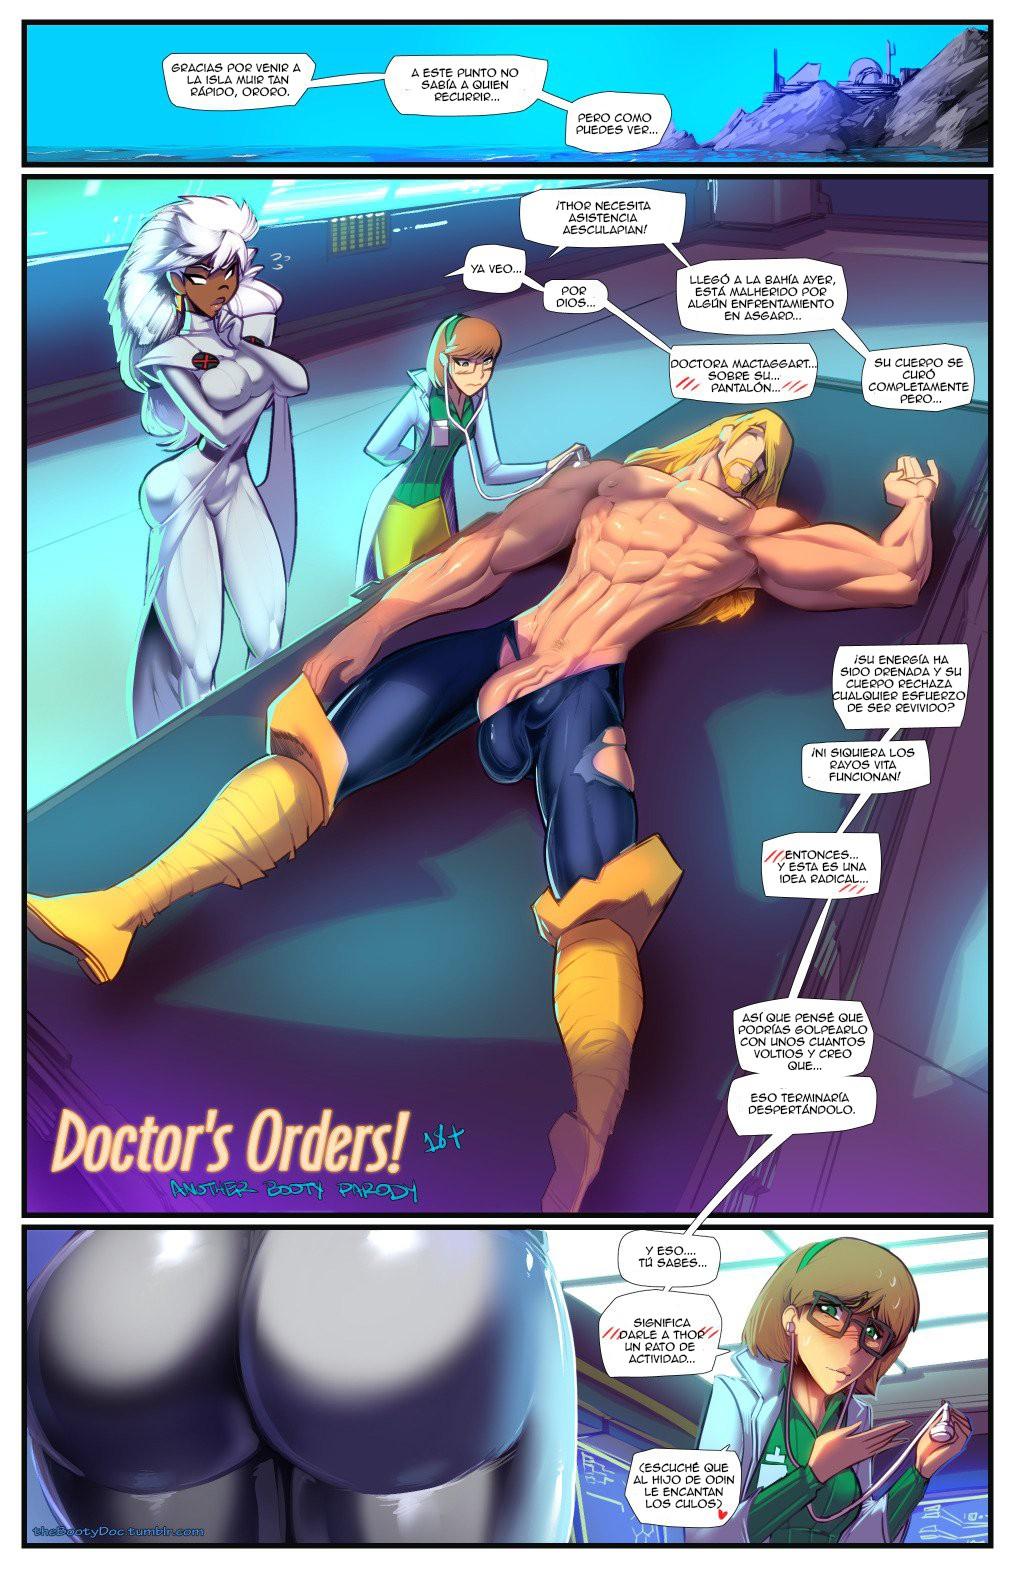 Doctors-Orders-01.jpg